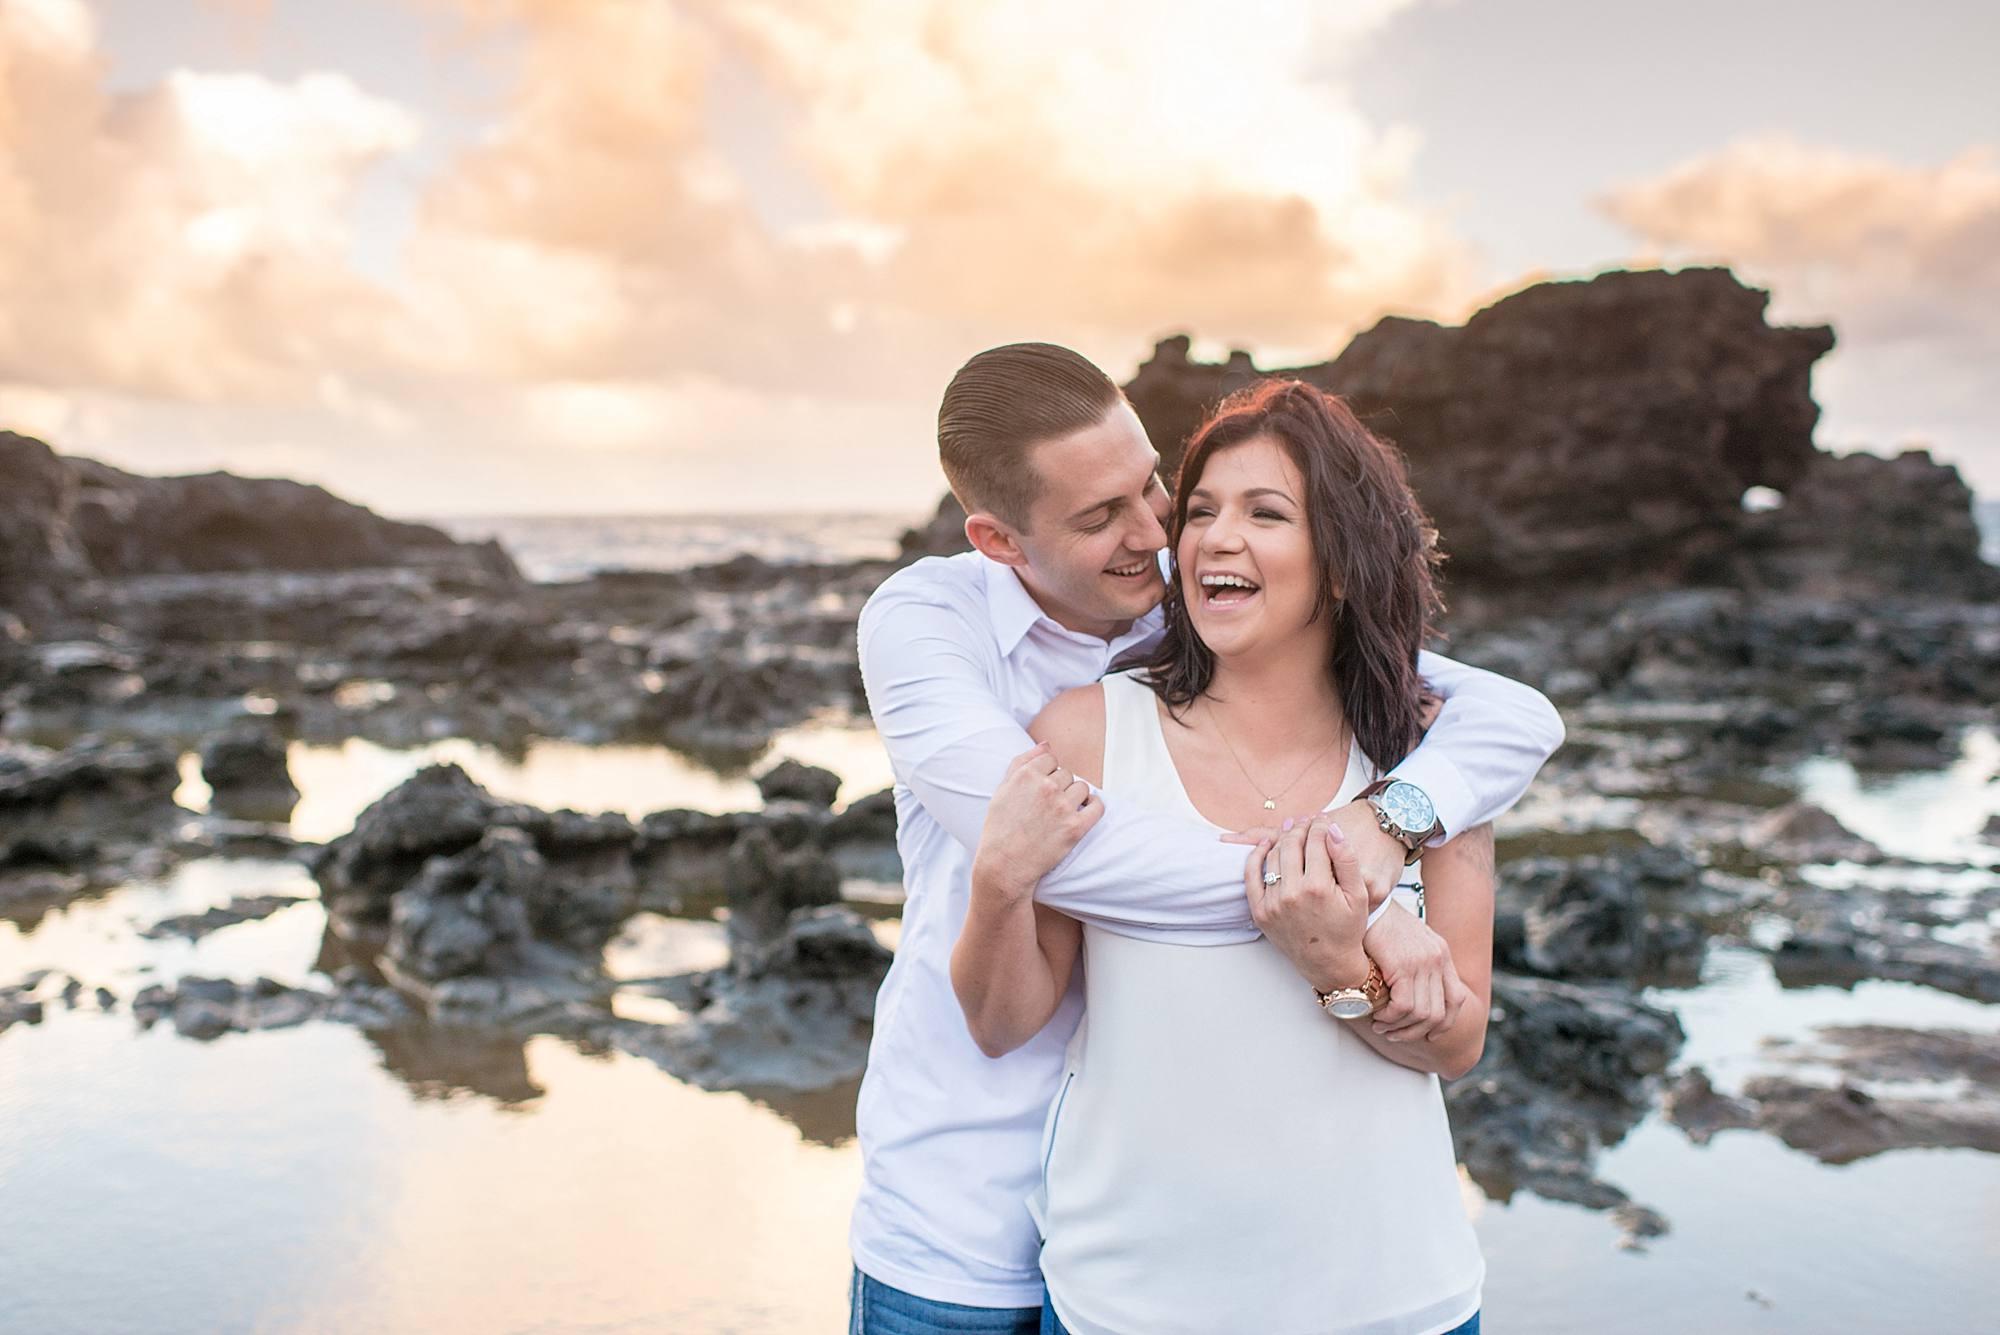 engagement photos at blowhole